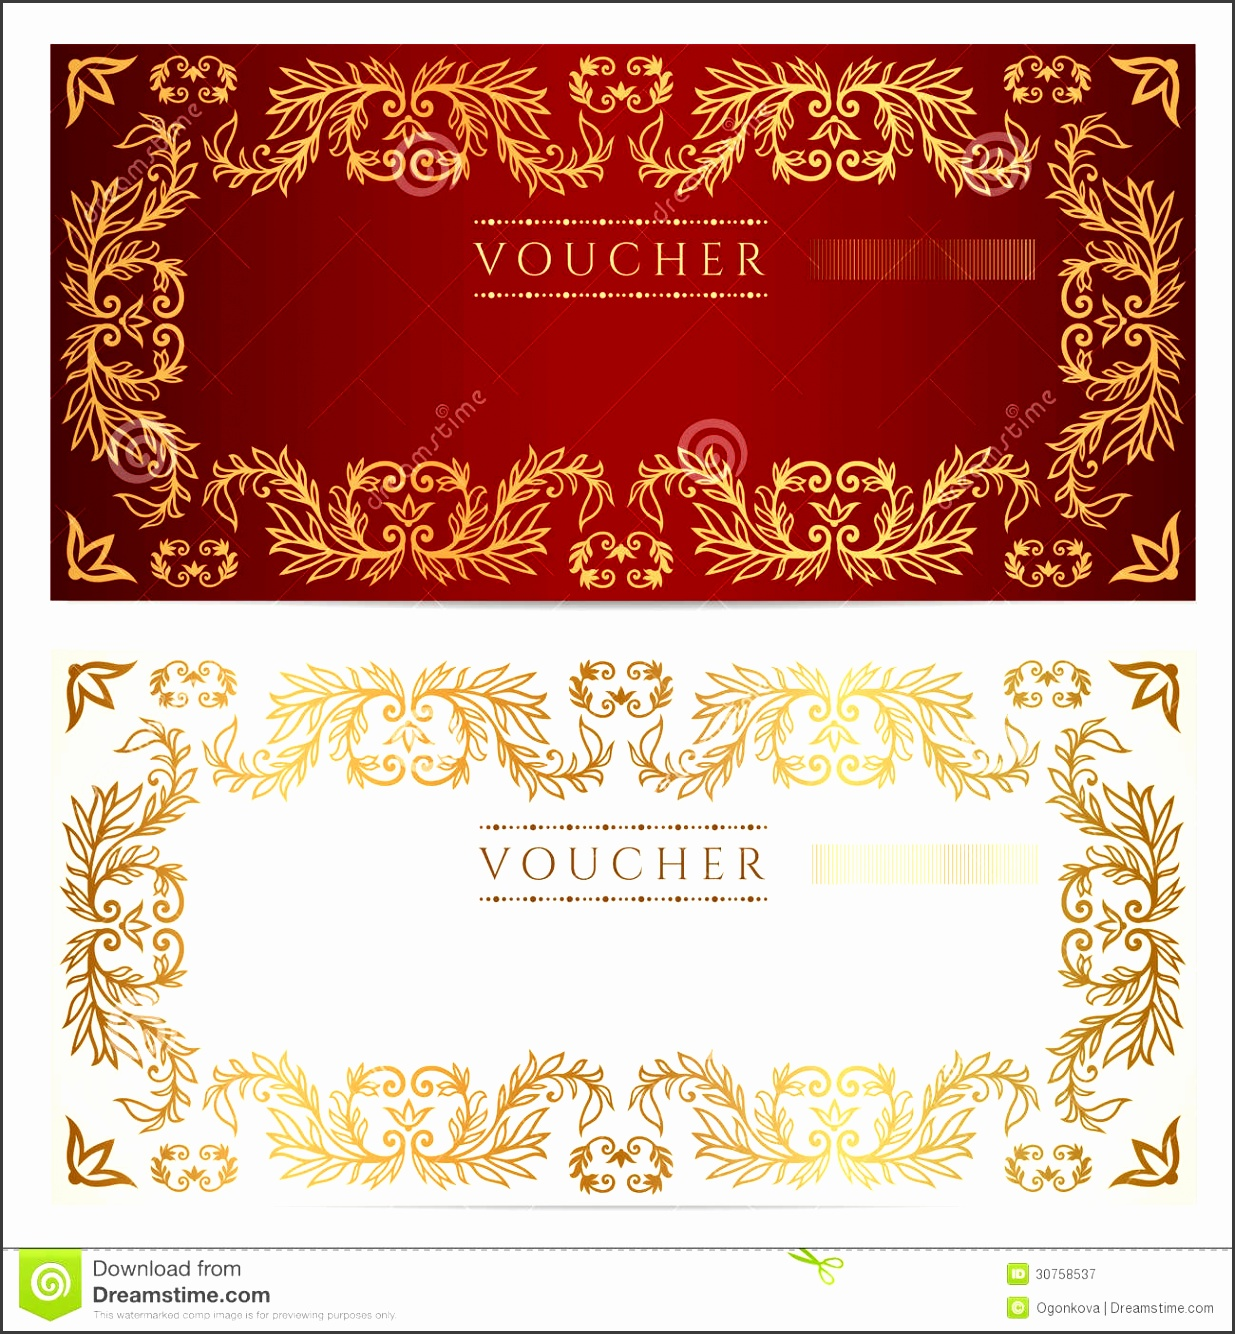 Voucher t certificate template Gold pattern